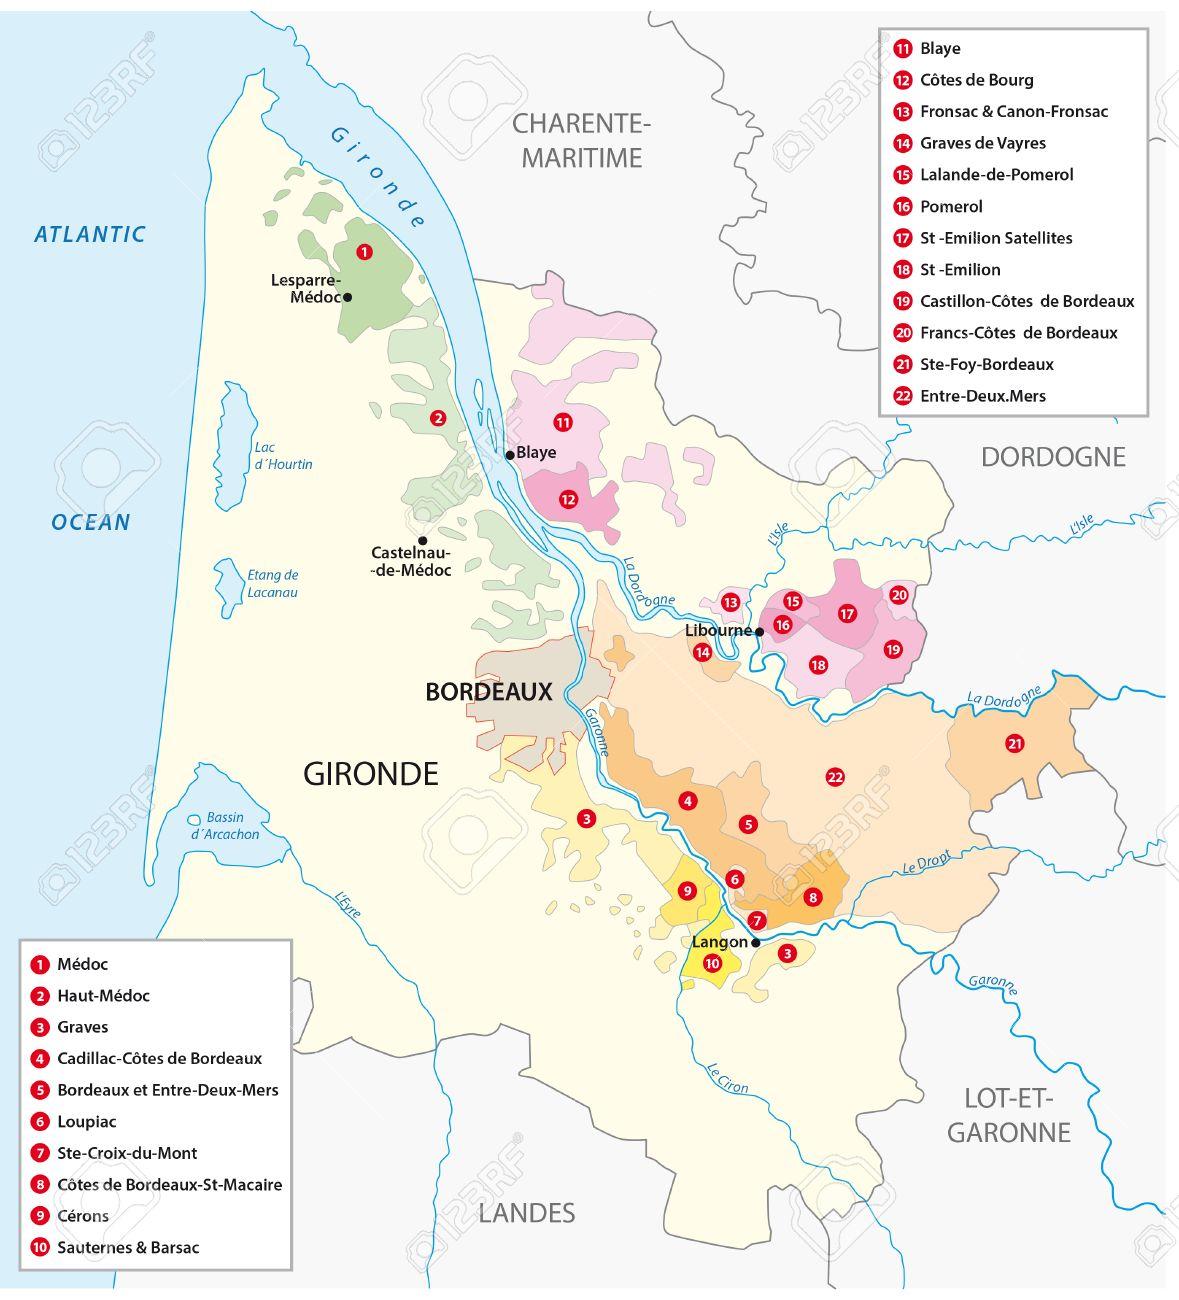 Karte Der Franzosisch Weinregion Bordeaux Lizenzfrei Nutzbare